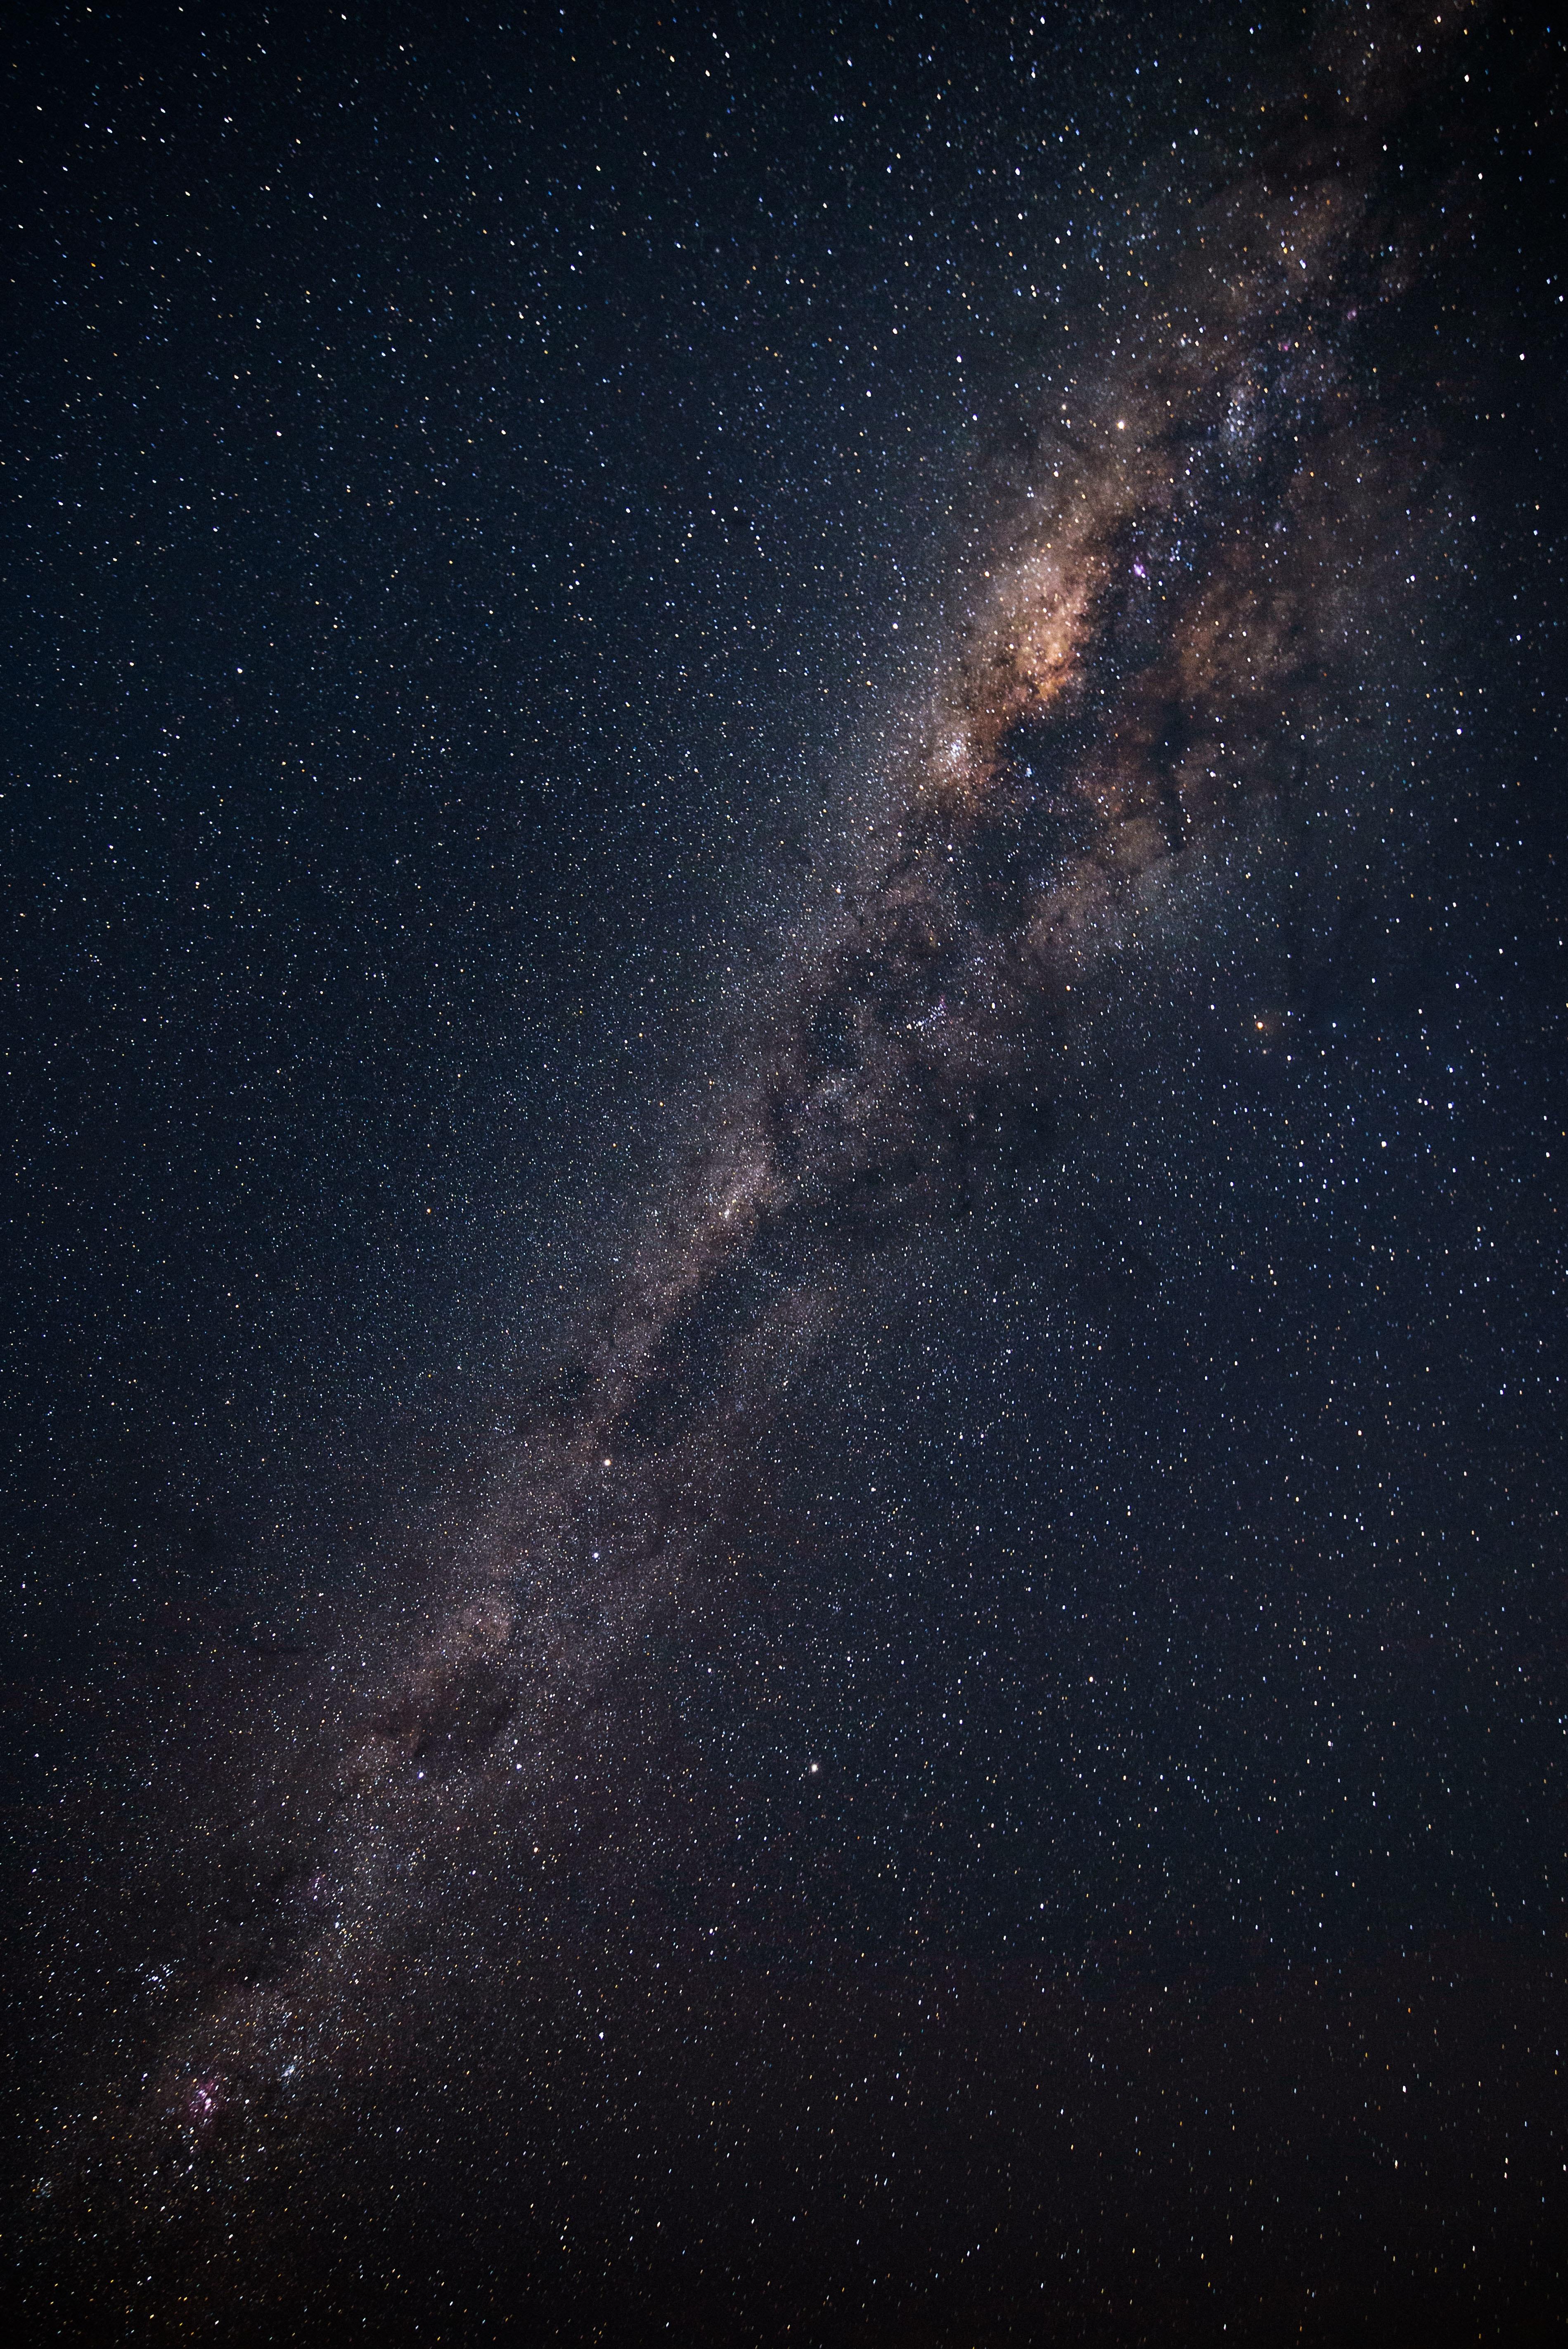 146513壁紙のダウンロード星空, 天の川, 天文学, 銀河, 宇宙-スクリーンセーバーと写真を無料で